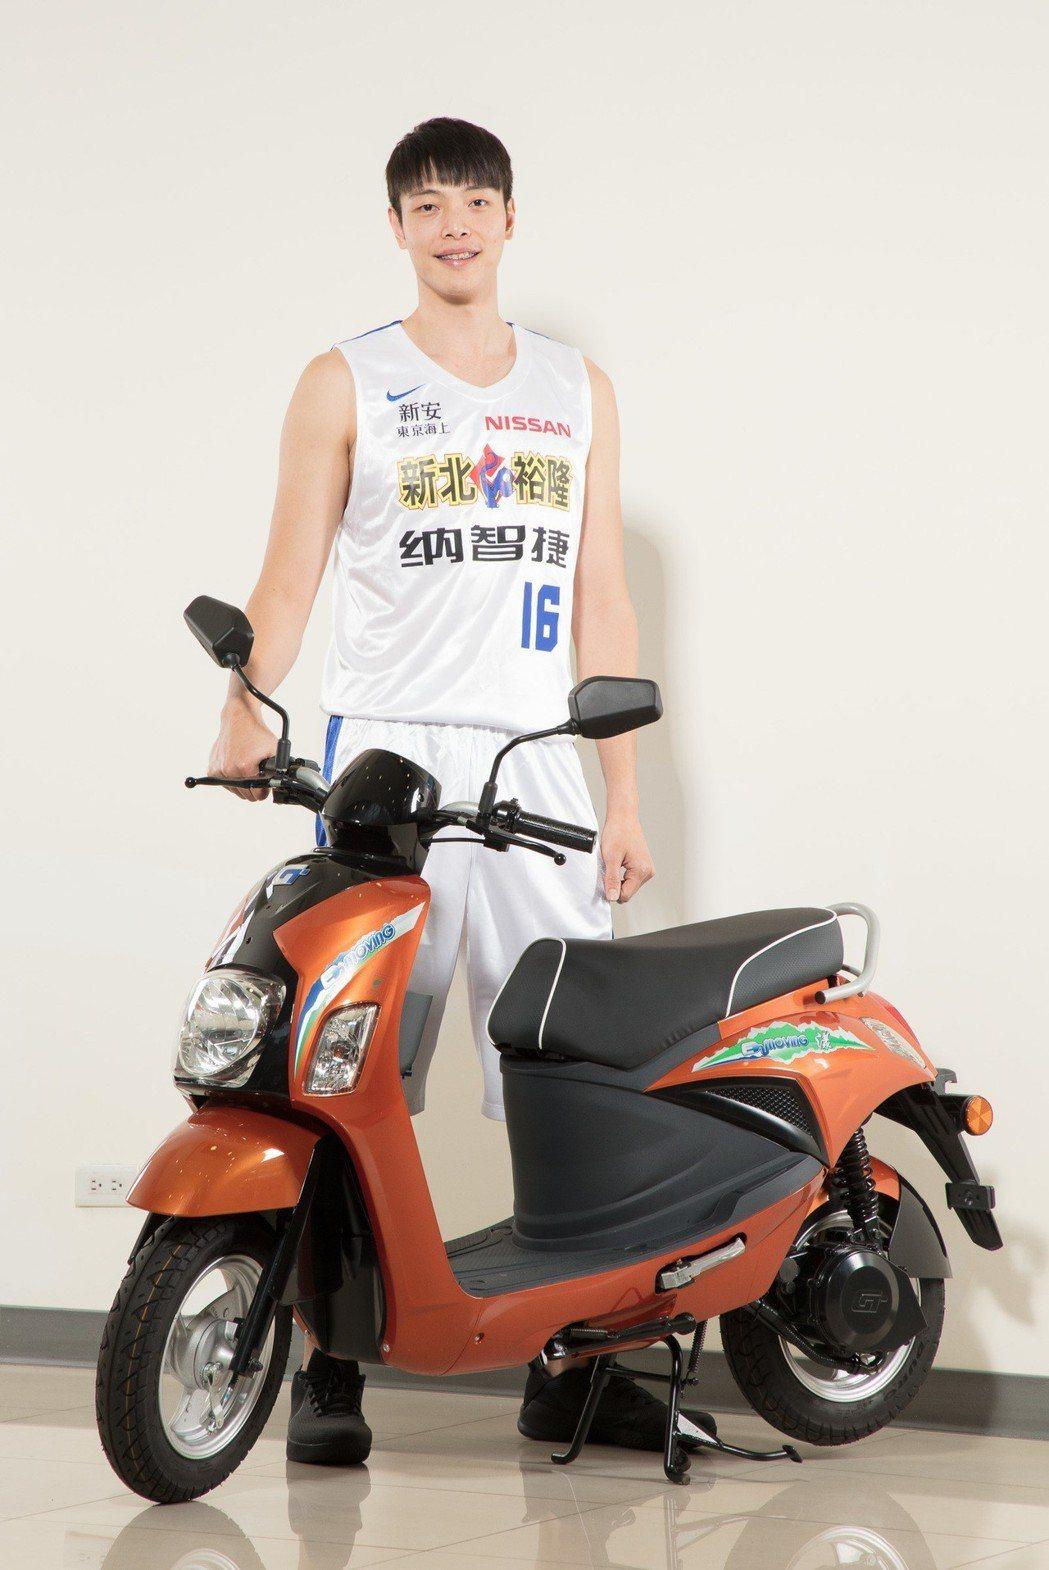 中華汽車為裕隆納智捷籃球隊加油,新生代好手潘冠翰驚艷emving電動機車安靜無聲的特性。 圖/中華汽車提供